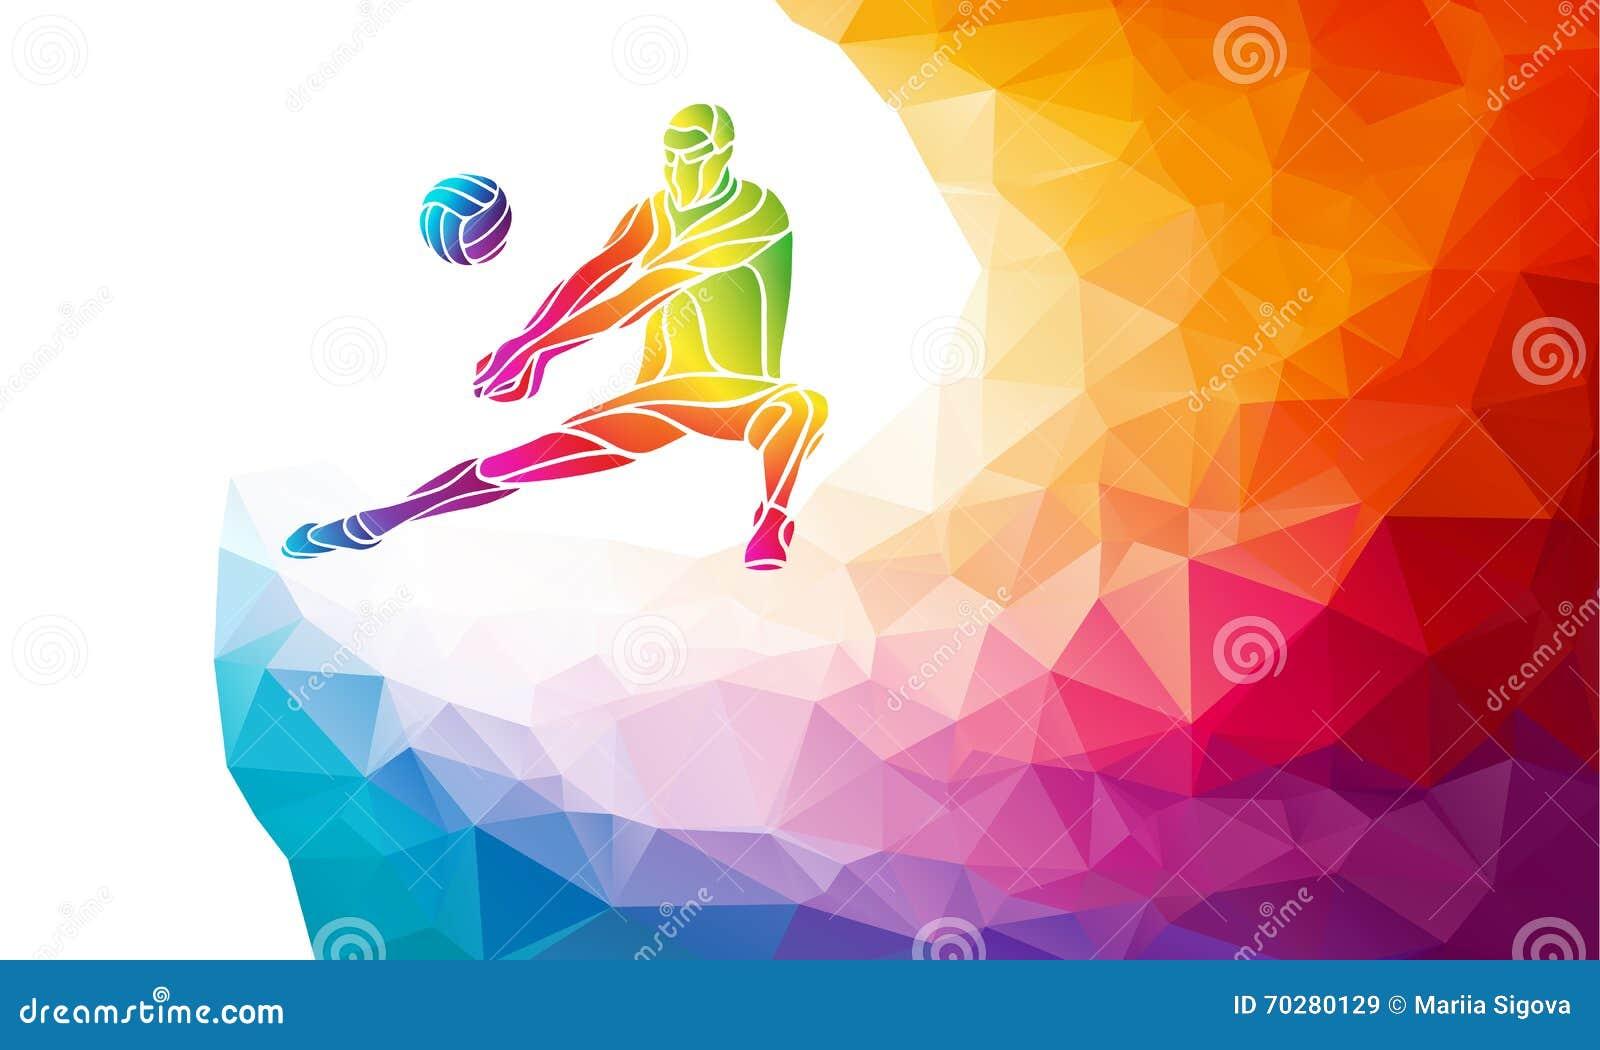 Creatief silhouet van volleyballspeler De vectorillustratie van de teamsport of bannermalplaatje in in abstracte kleurrijk